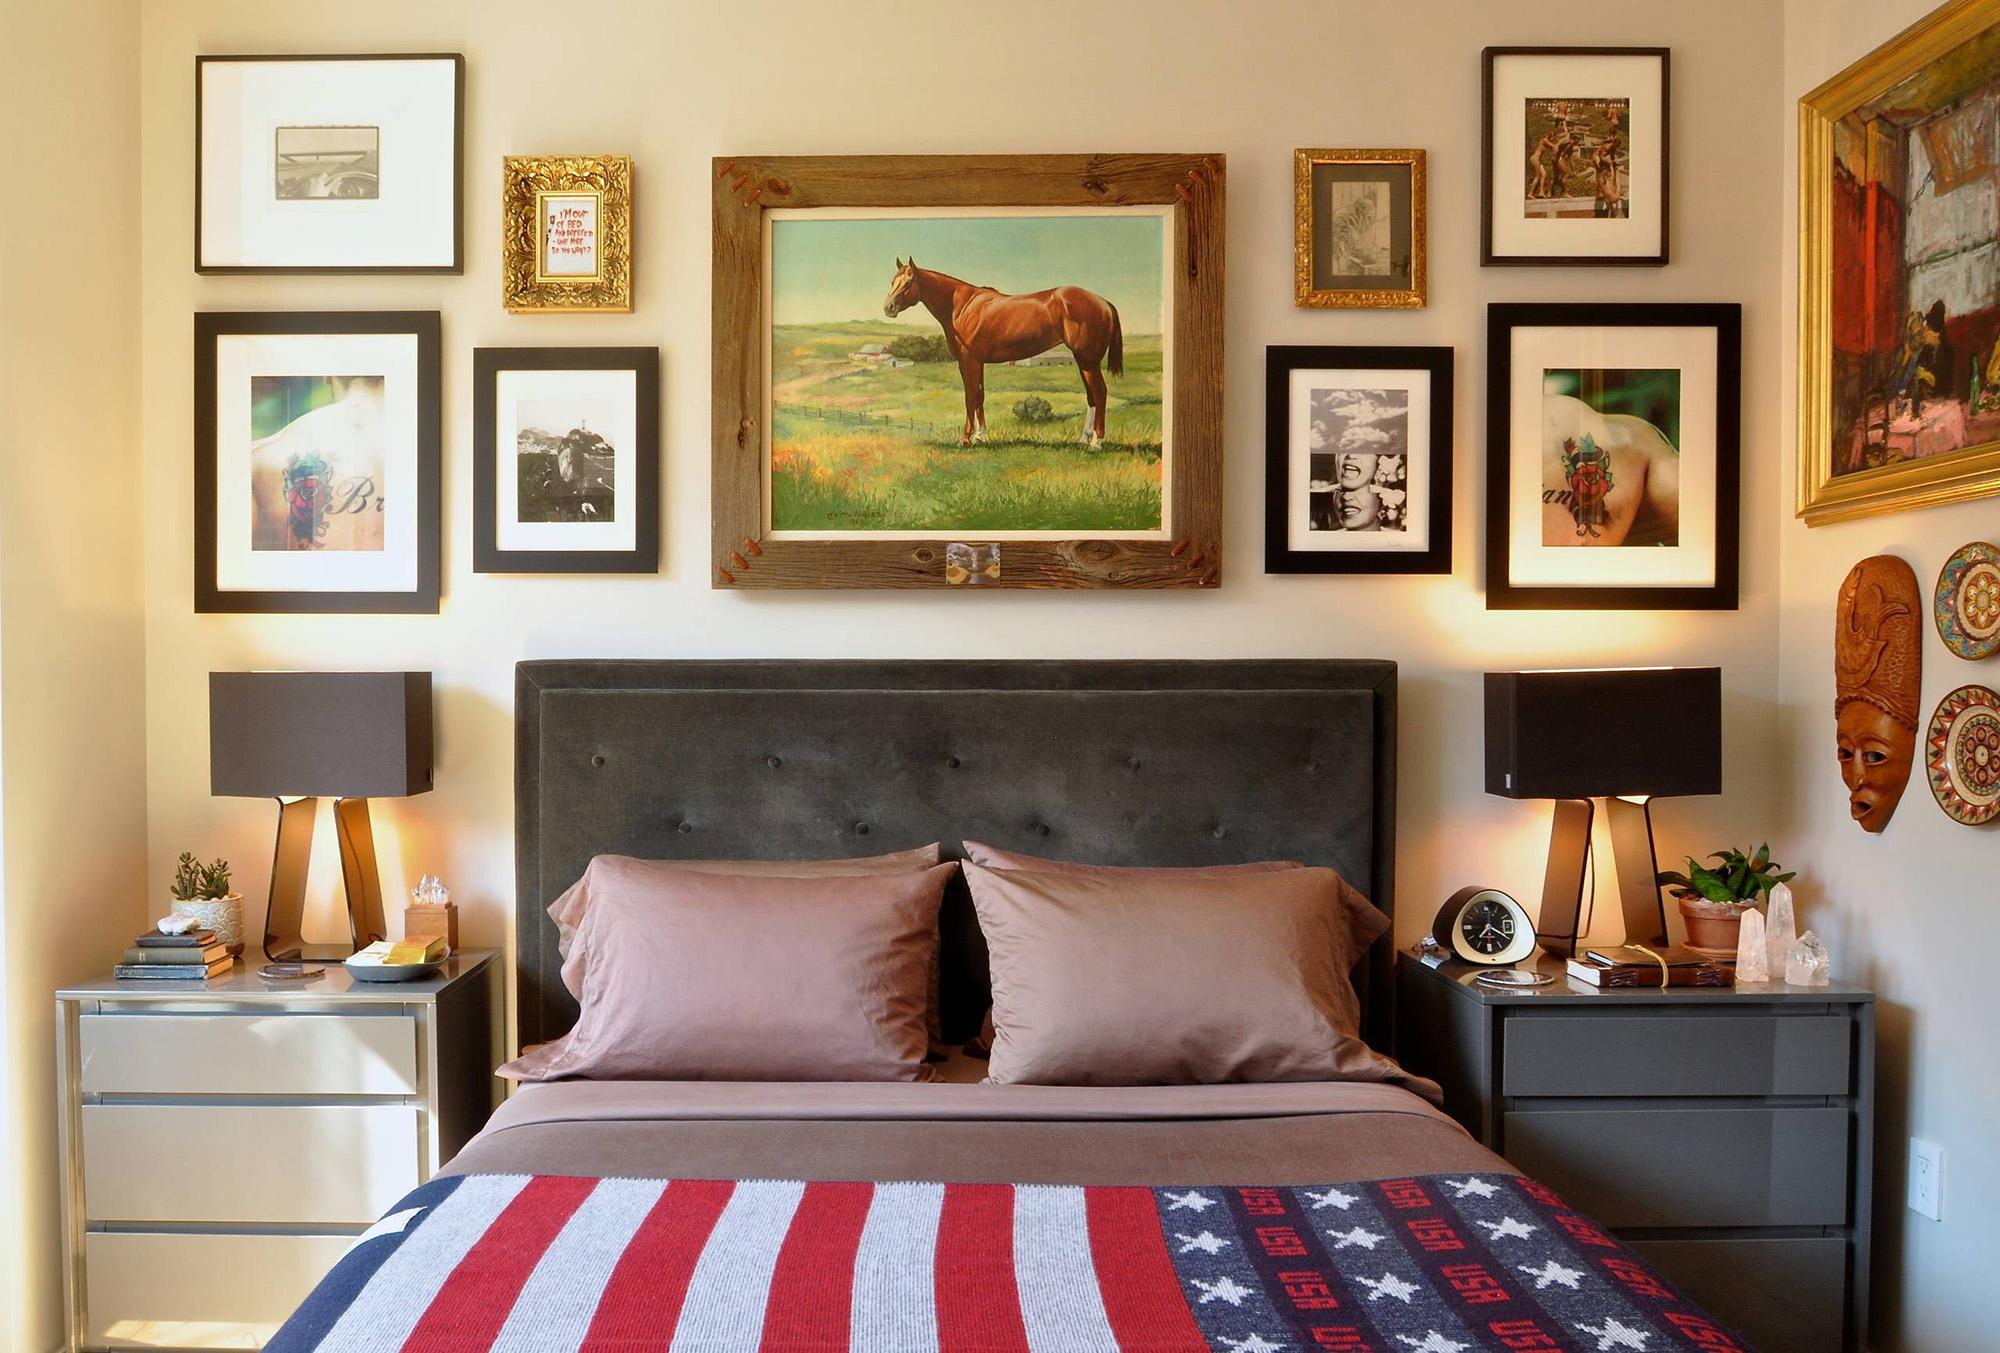 Картина с лошадью и другие картины над изголовьем кровати